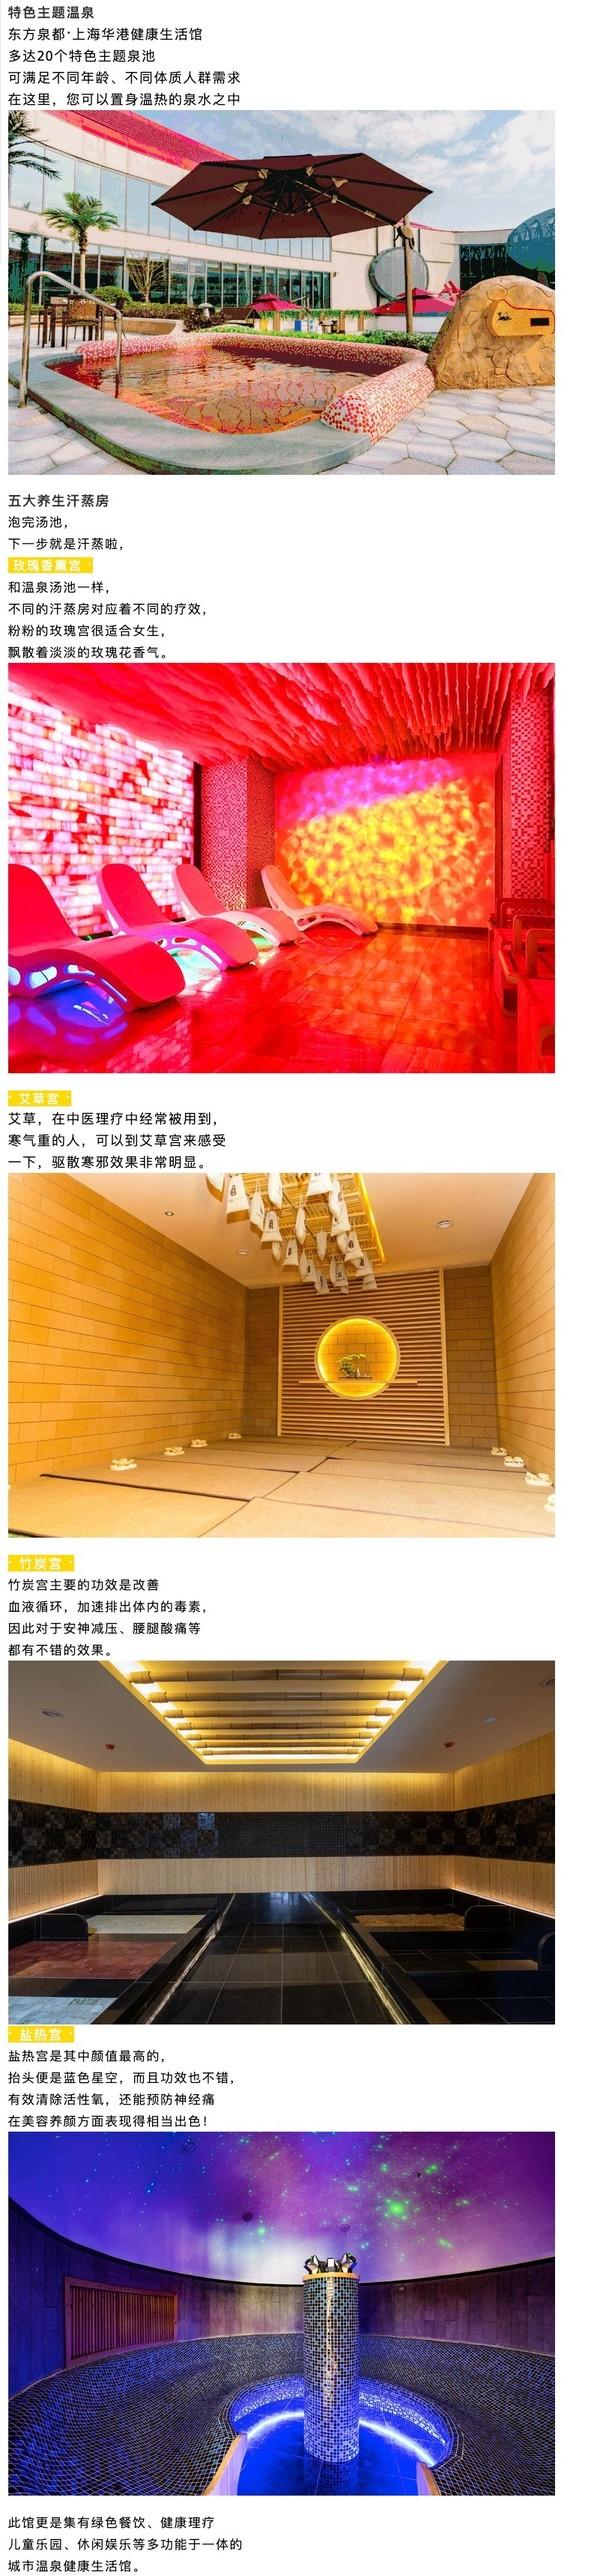 带上孩子去泡汤!上海华港健康生活馆东方泉都温泉票+观光巴士票